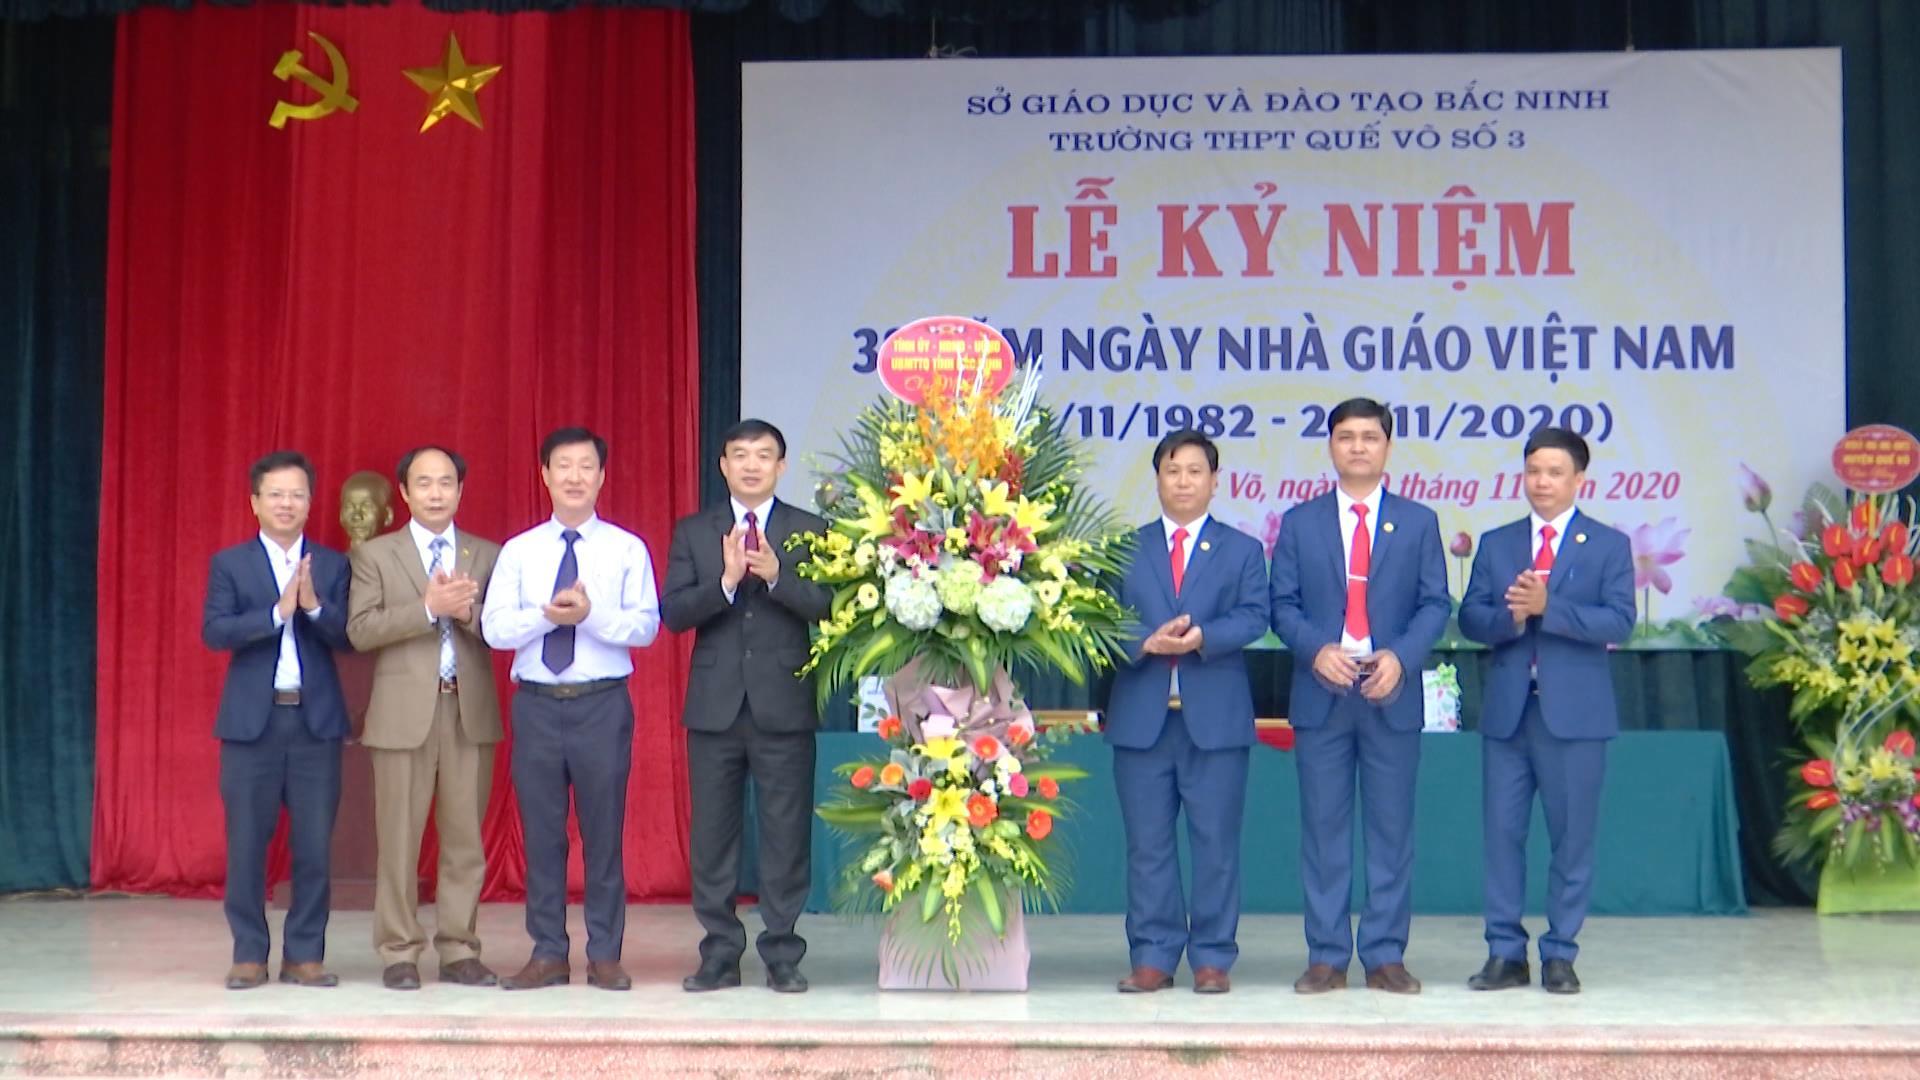 Chủ tịch Uỷ ban MTTQ chúc mừng Ngày Nhà giáo Việt Nam tại trường THPT Quế Võ số 3